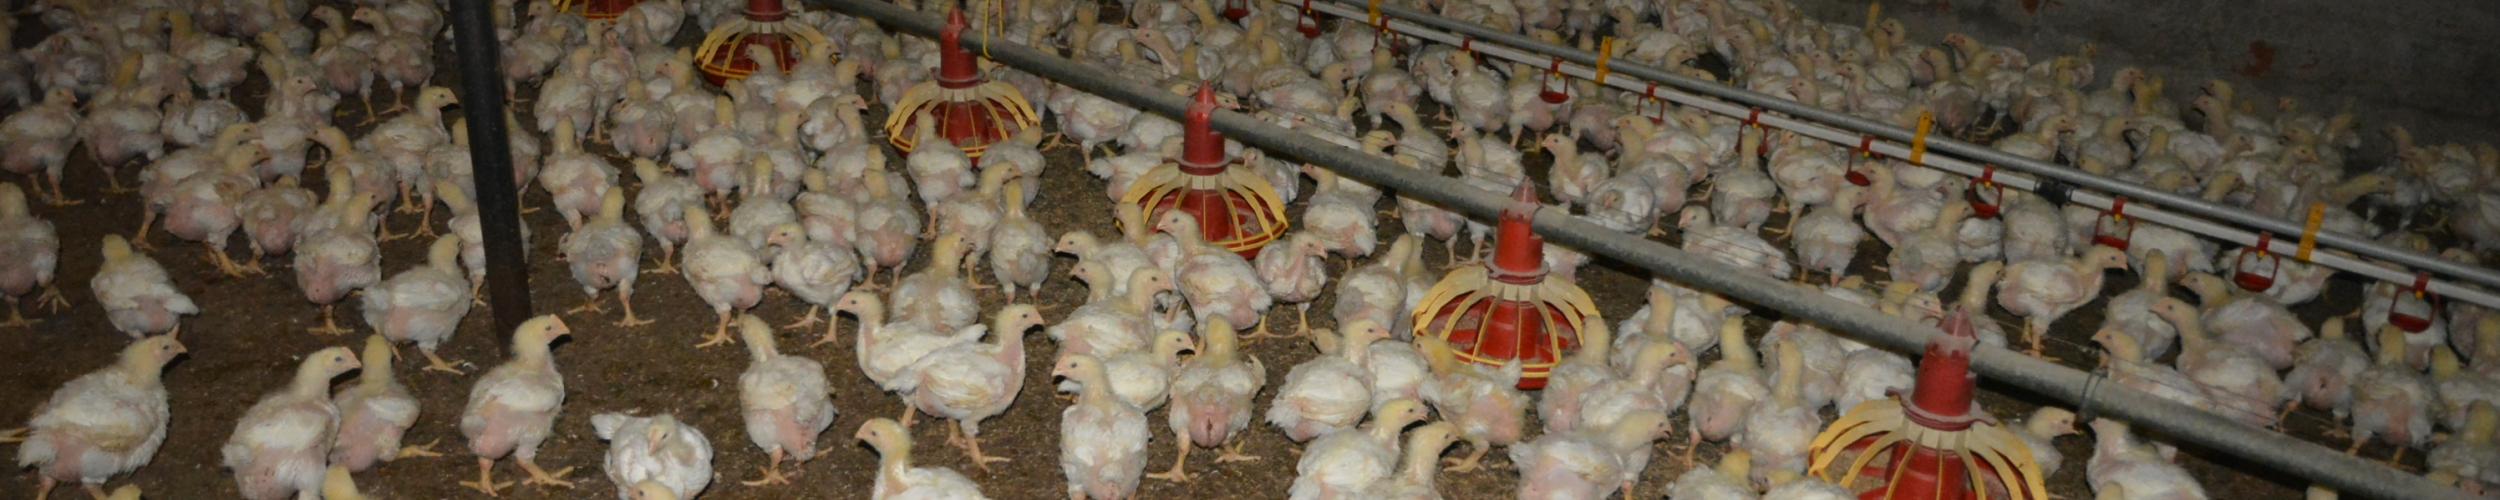 Onderzoek bij pluimveehouders